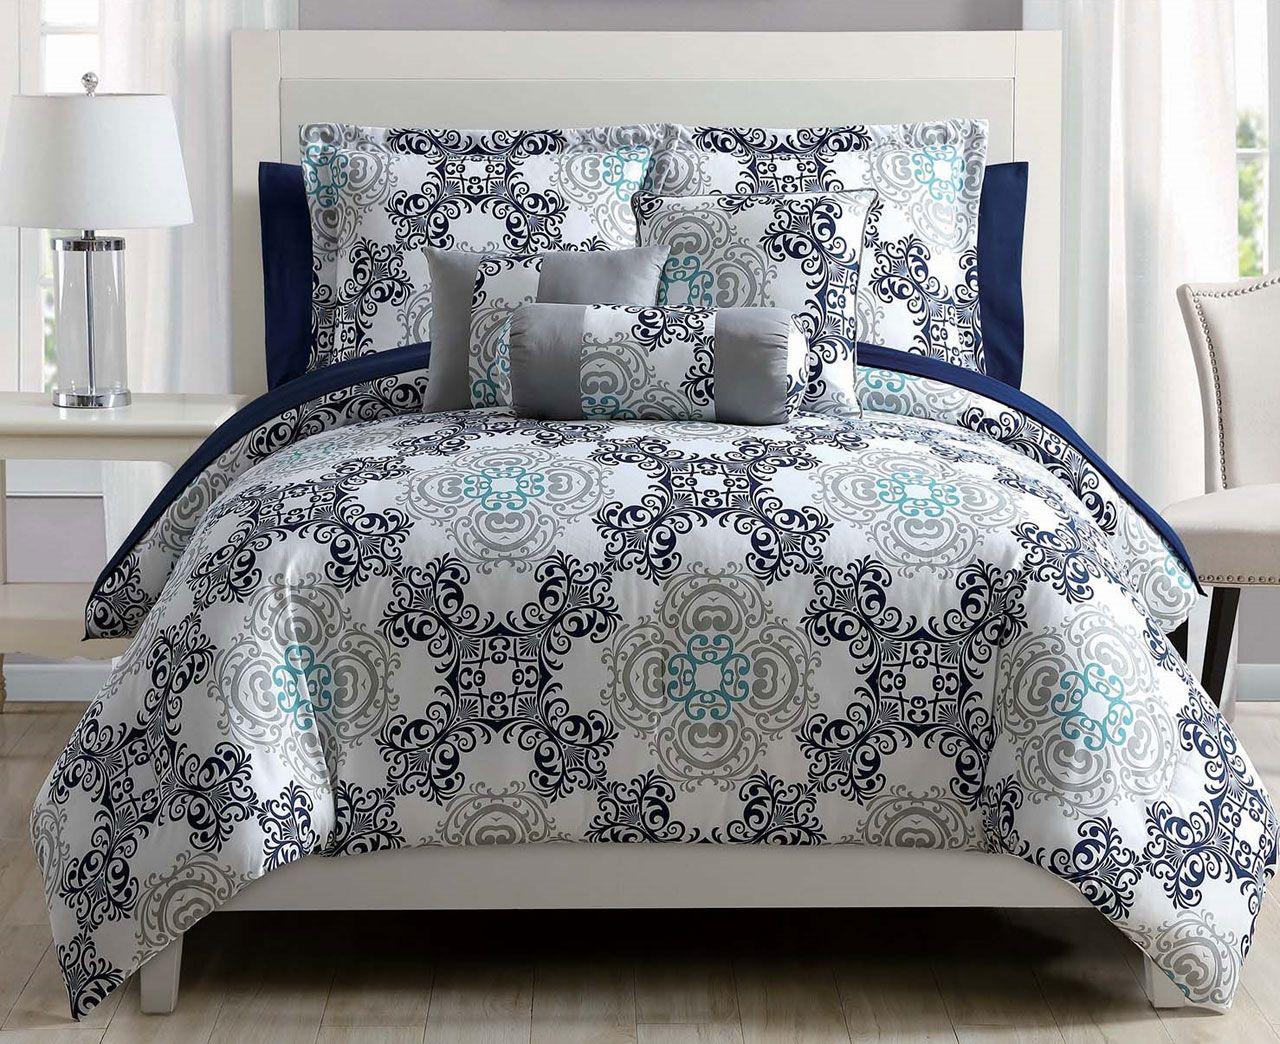 10 piece olena gray gold white comforter set w sheets ebay. Black Bedroom Furniture Sets. Home Design Ideas